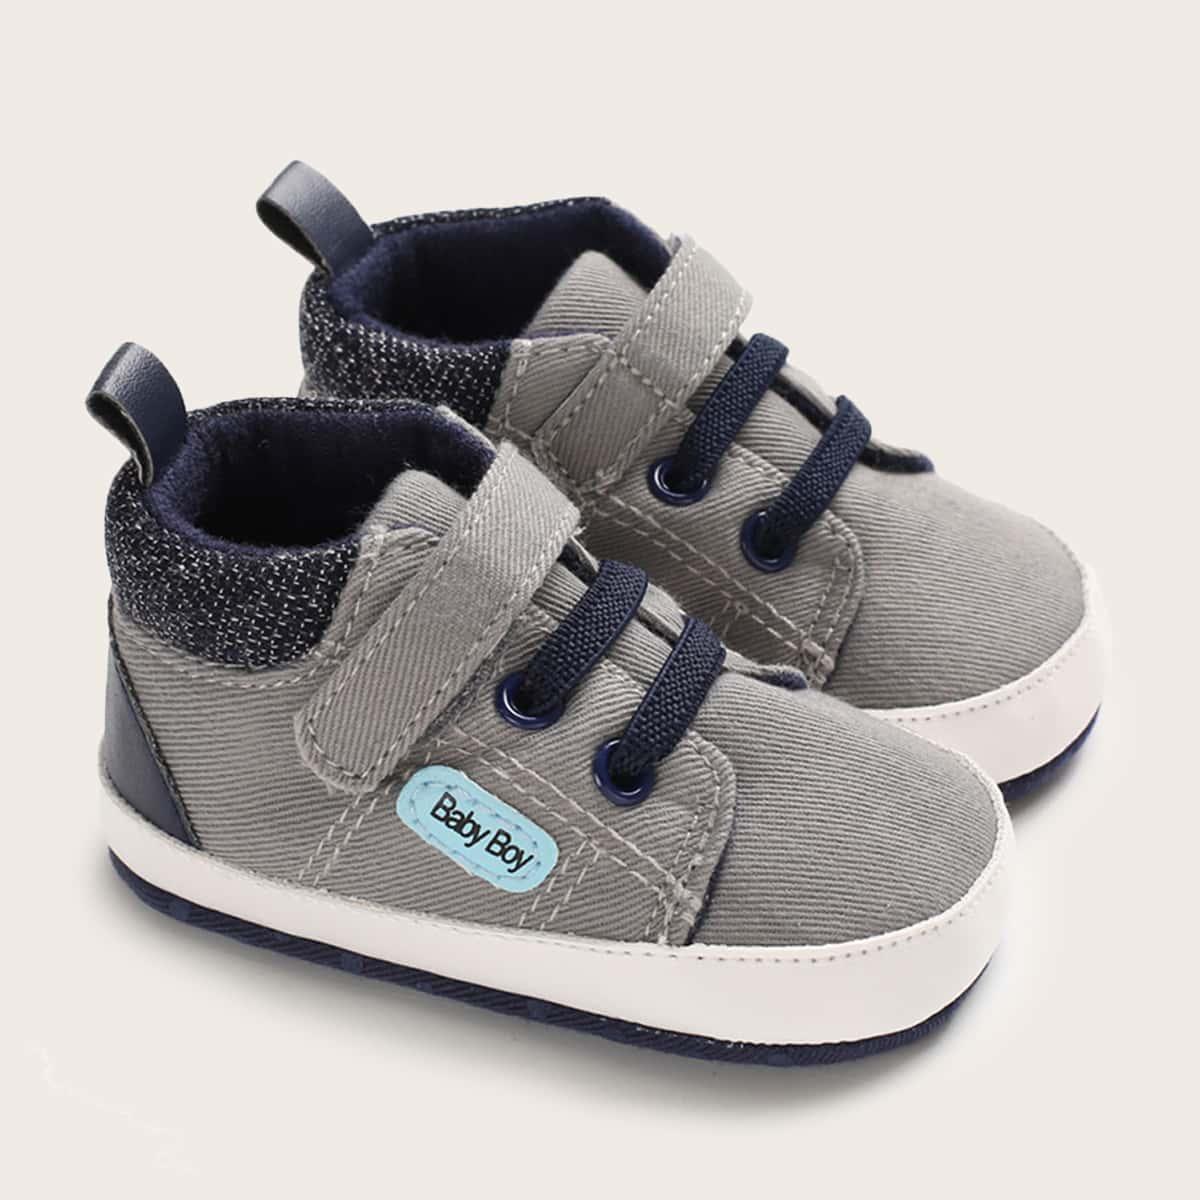 На шнурках буква кроссовки для малышей